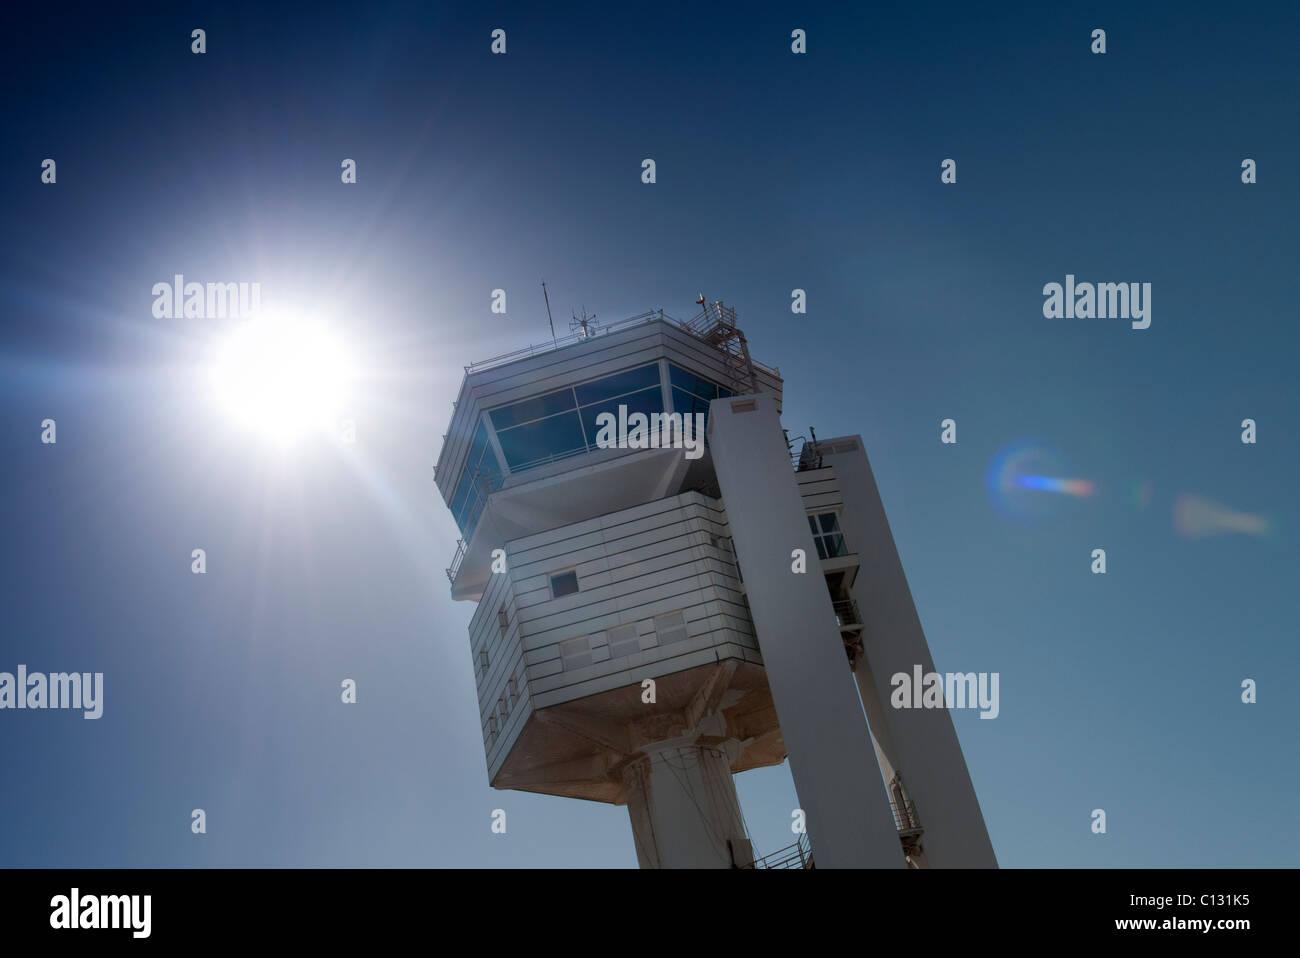 FlughafenKontrollturm in Sonne. Stockbild